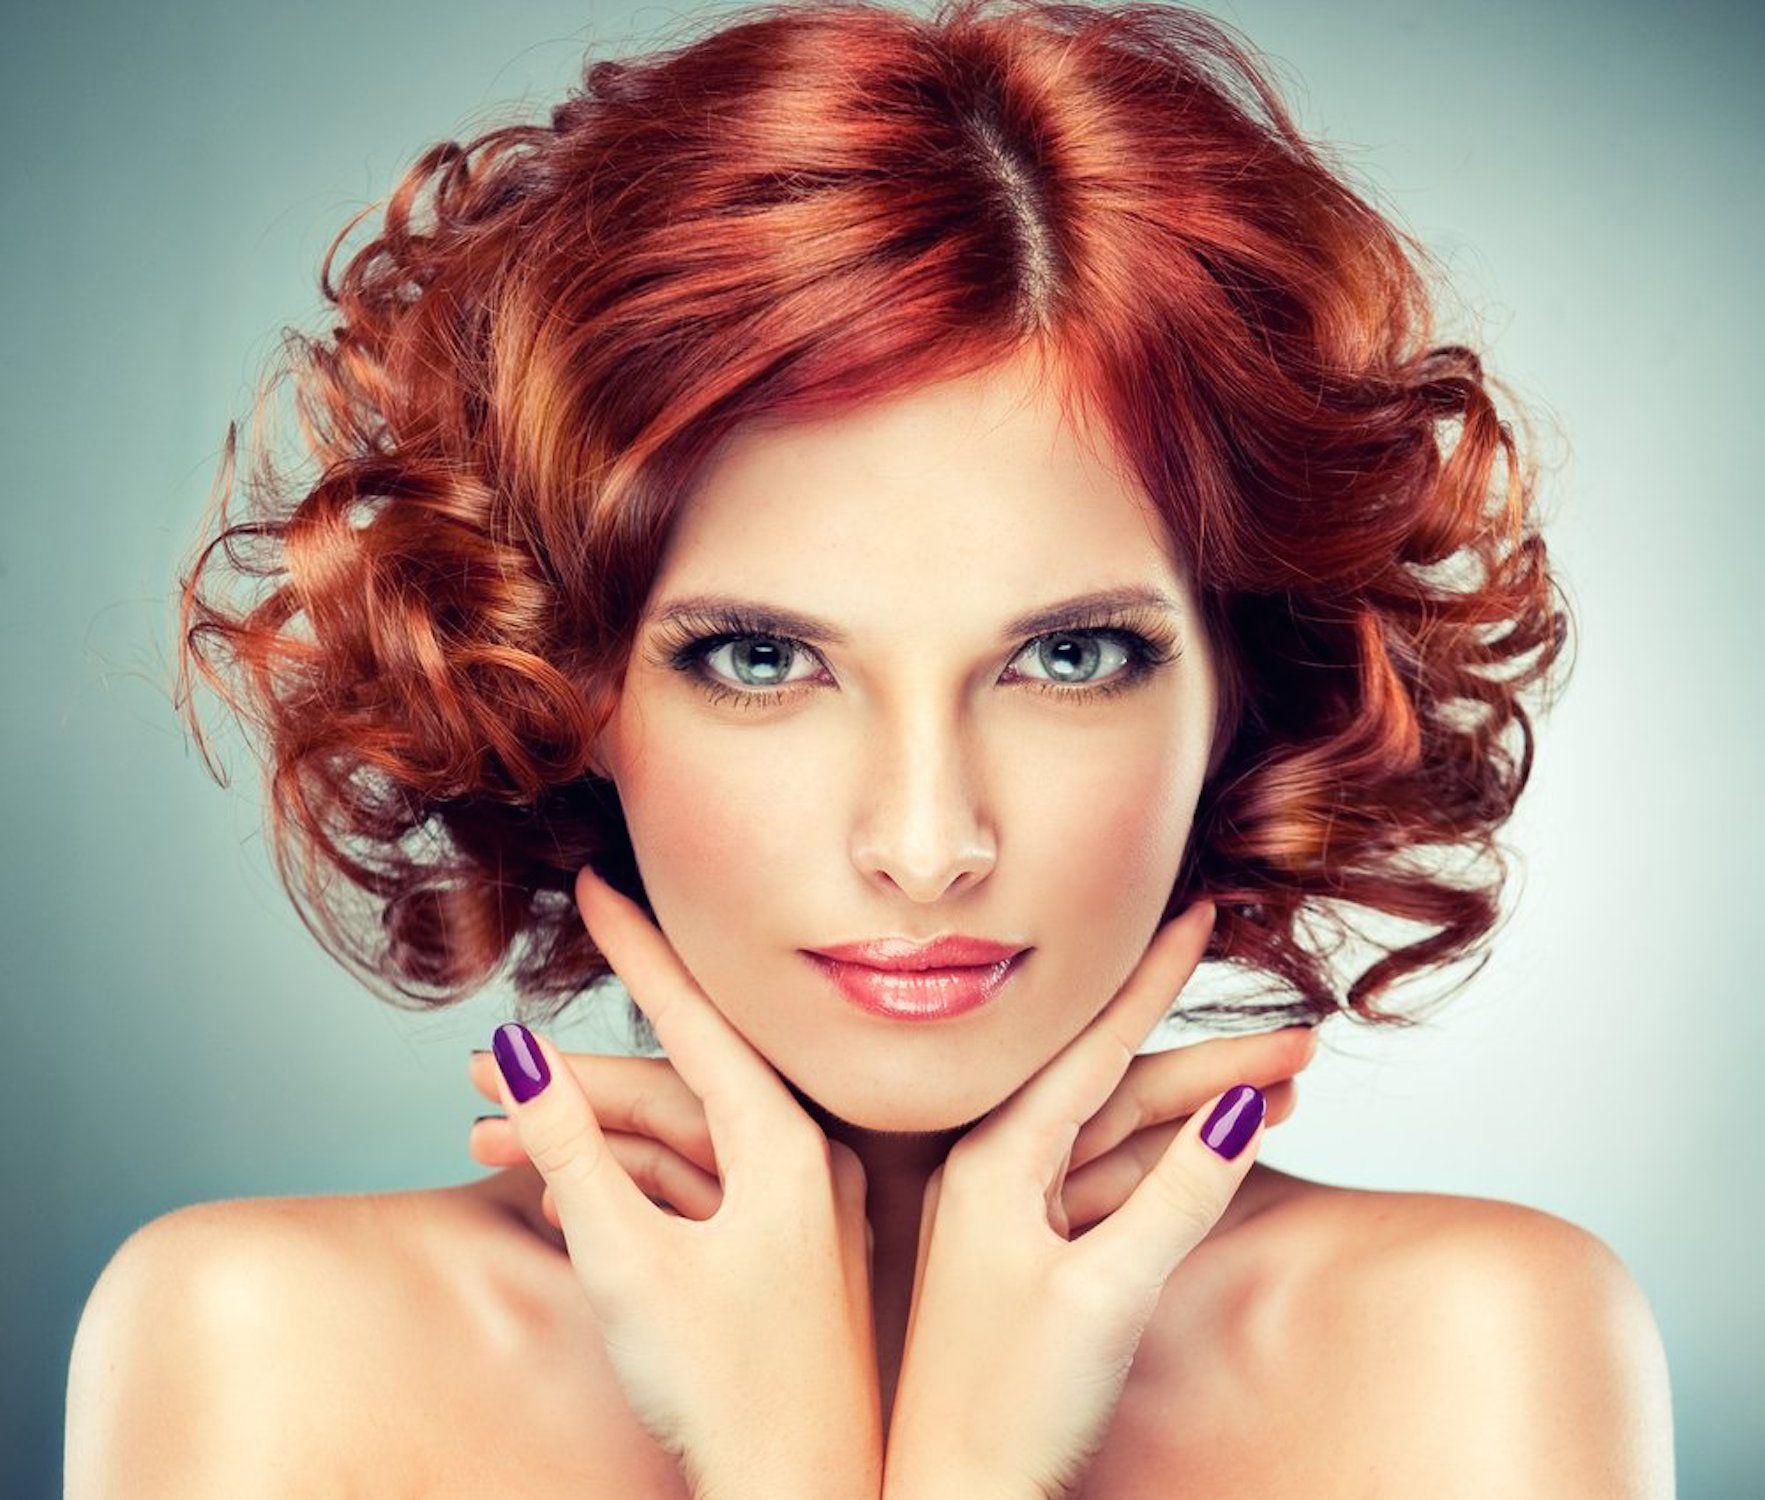 Yüz tipine göre bayan saç modelleri - http://www.modelleri.mobi/yuz-tipine-gore-bayan-sac-modelleri/